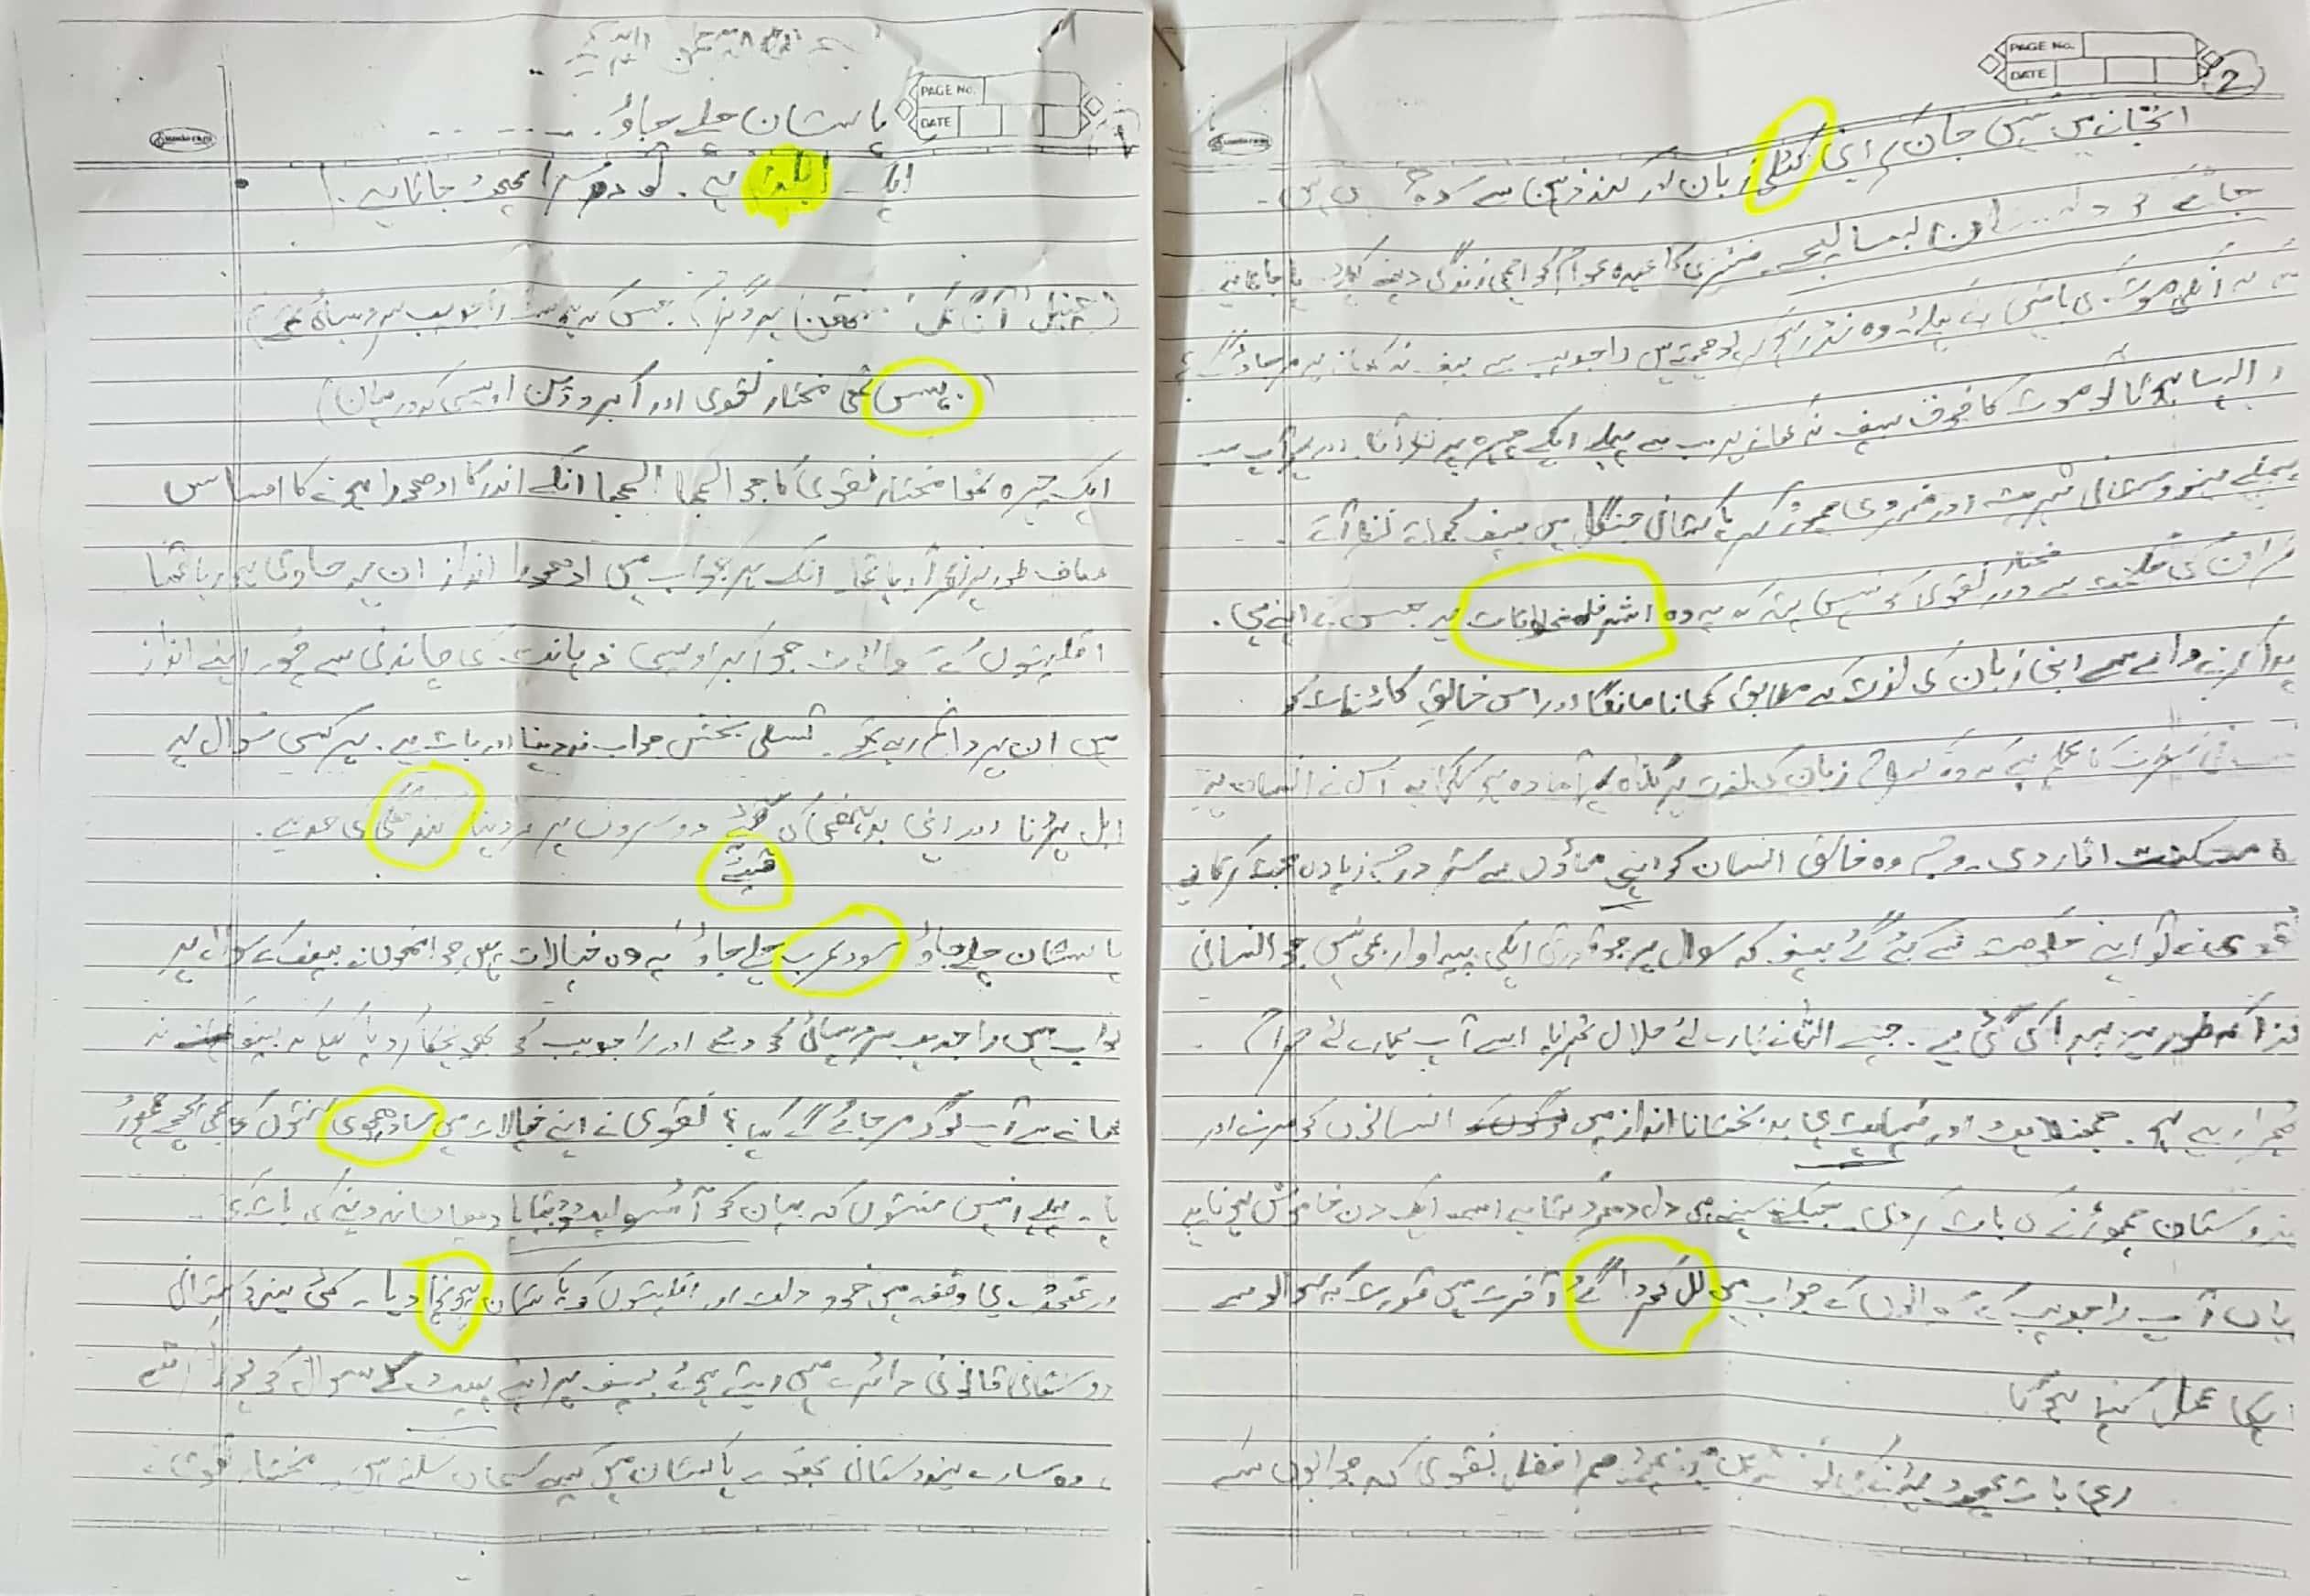 एक पेज में ग़लती चार , पढ़ें दास्तां चौथी पास